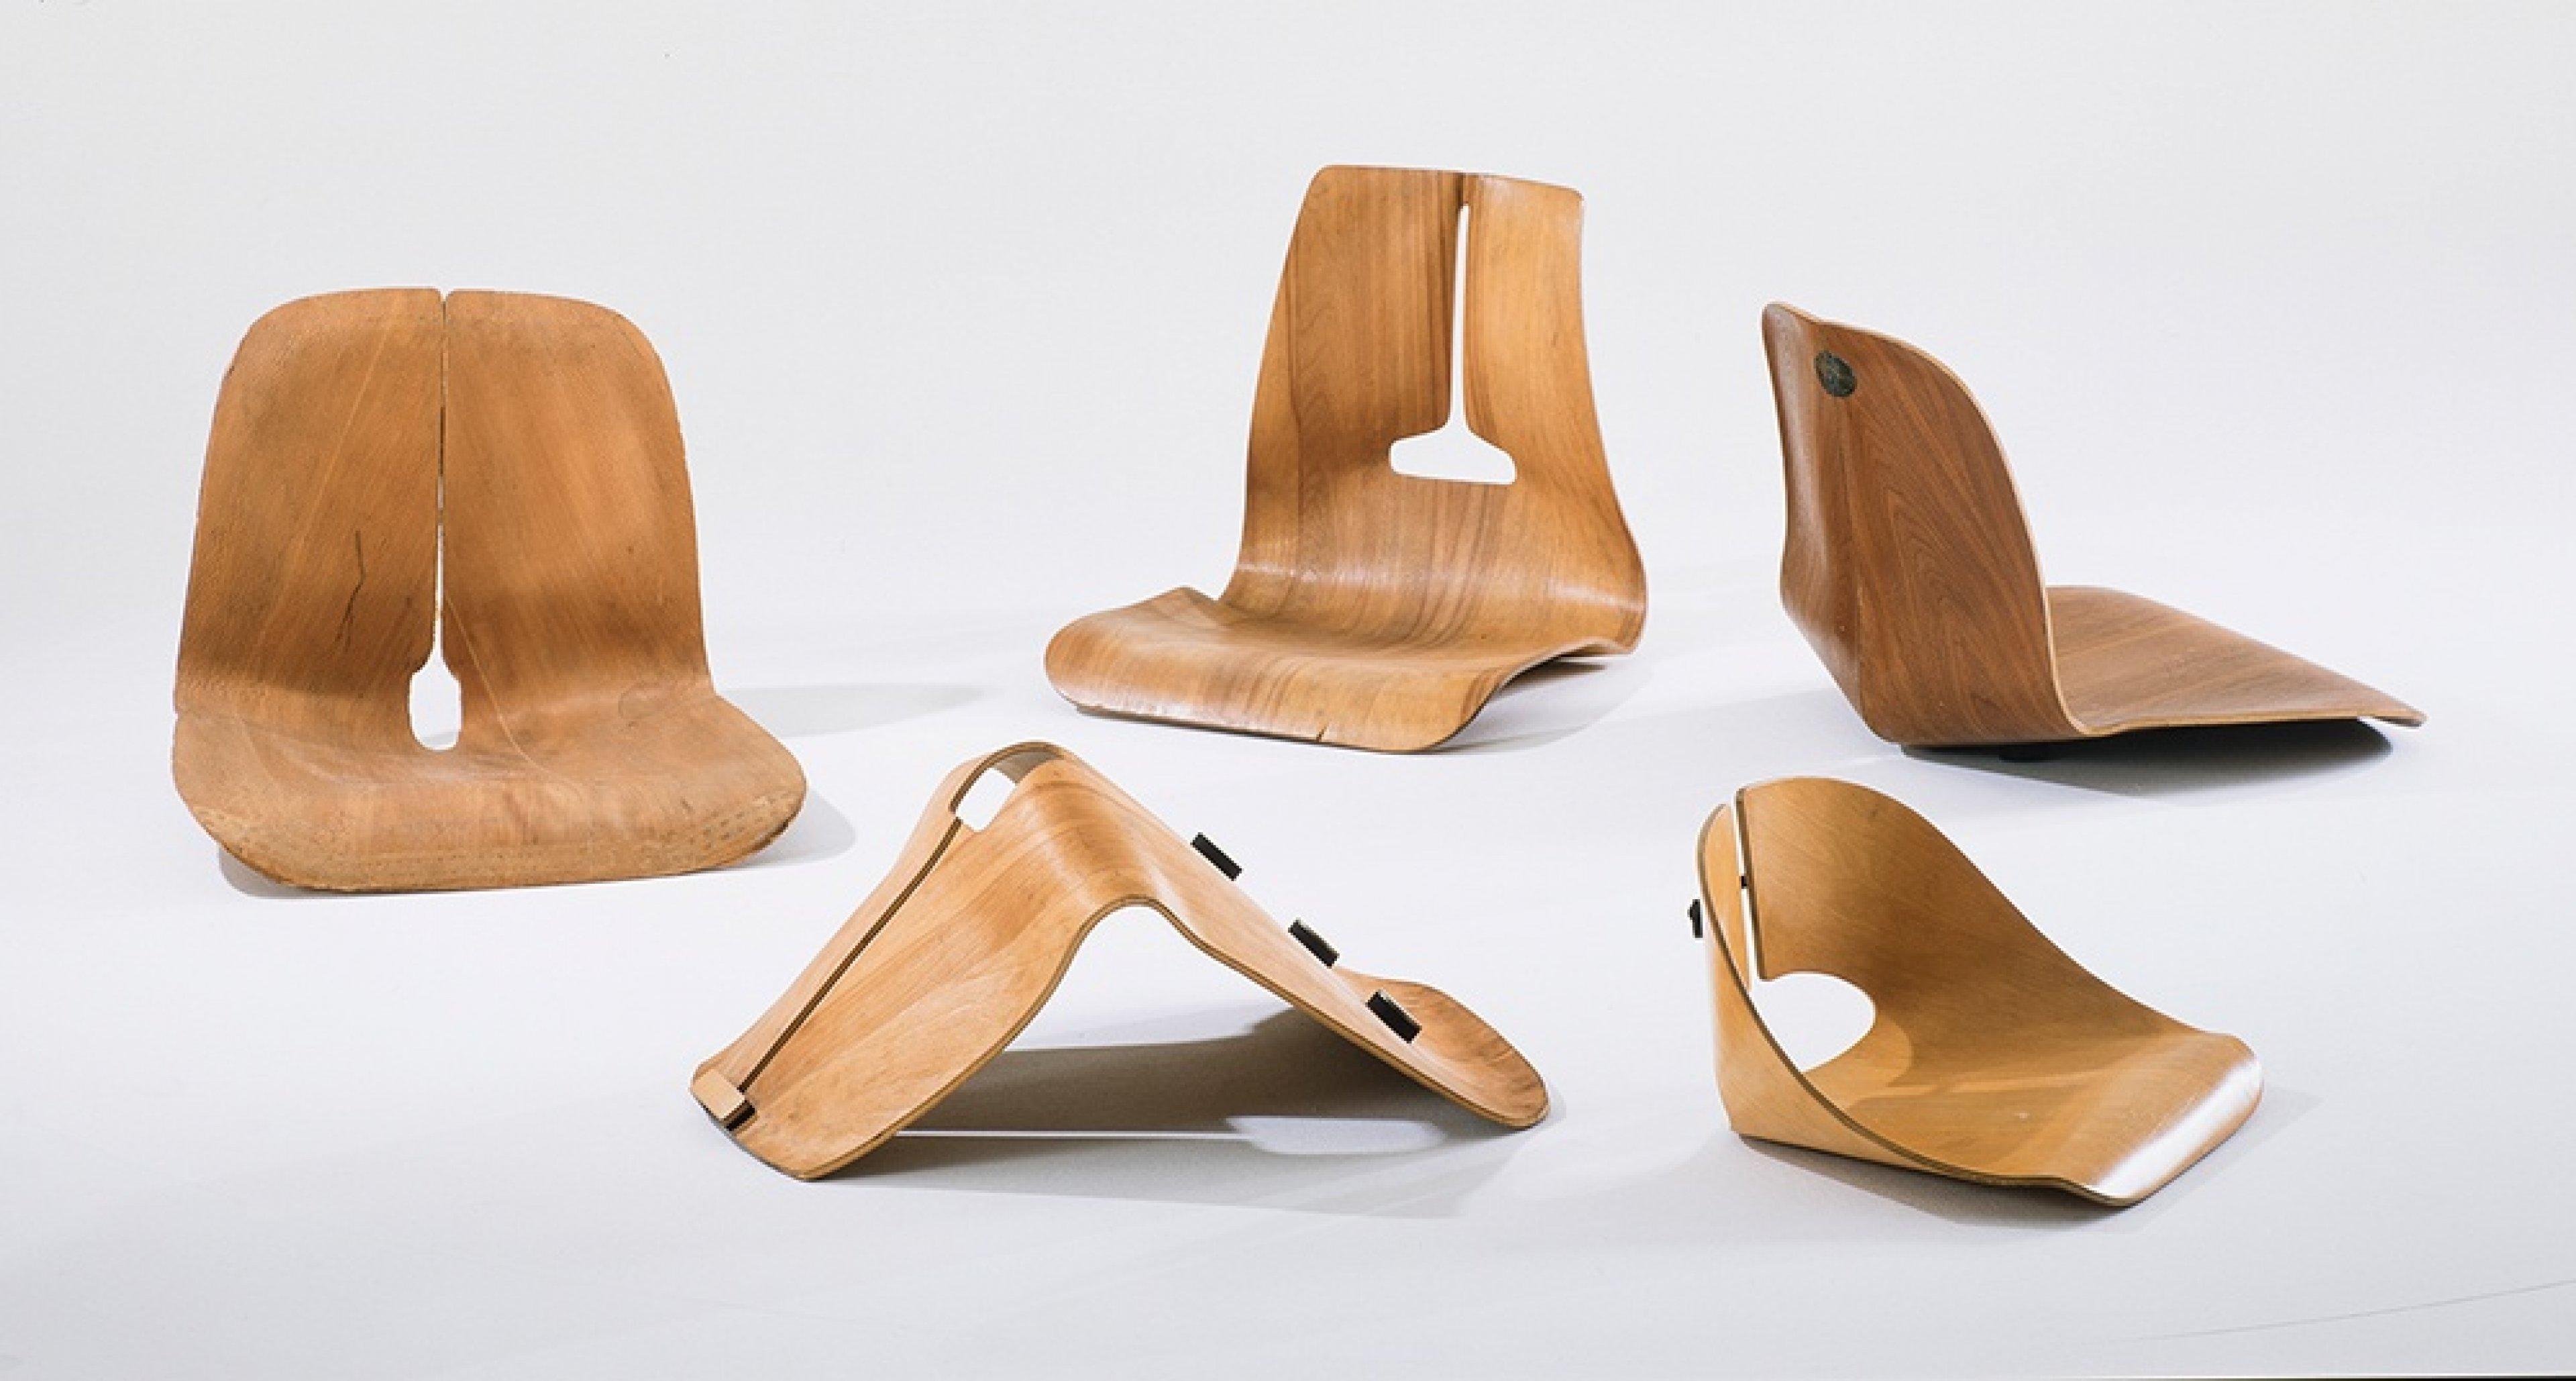 Experimentelle Sitzschalen aus verformten, schichtverleimten Sperrholz, 1941/1945 © Vitra Design Museum, Foto: Thomas Dix